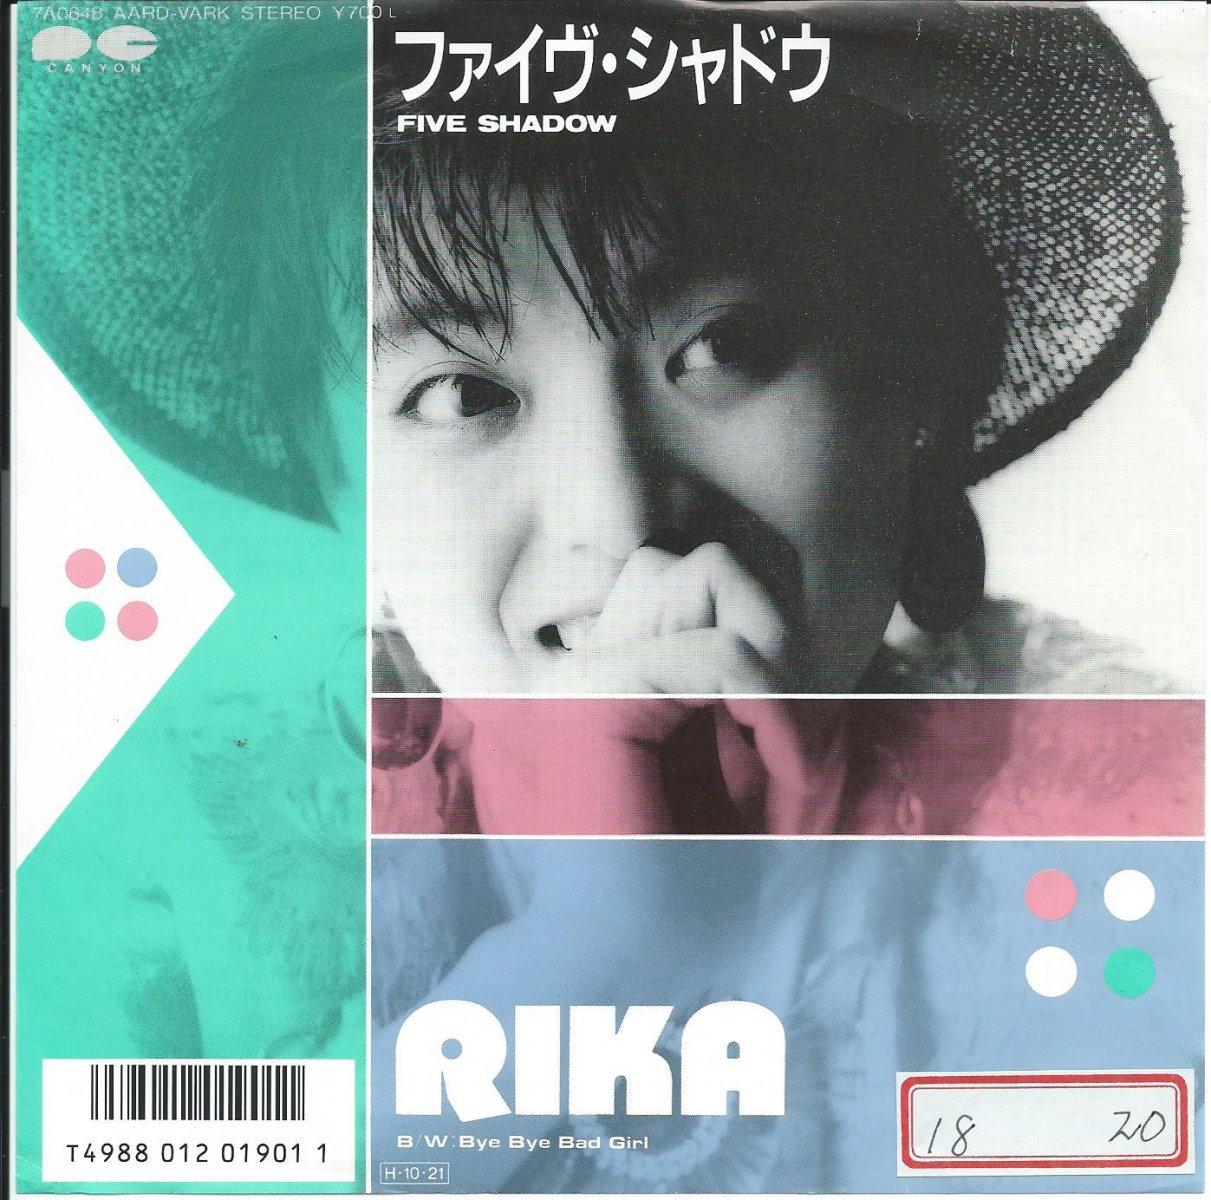 RIKA (リカ,さっぽろももこ) / ファイヴ・シャドウ FIVE SHADOW / BYE BYE BAD GIRL (7